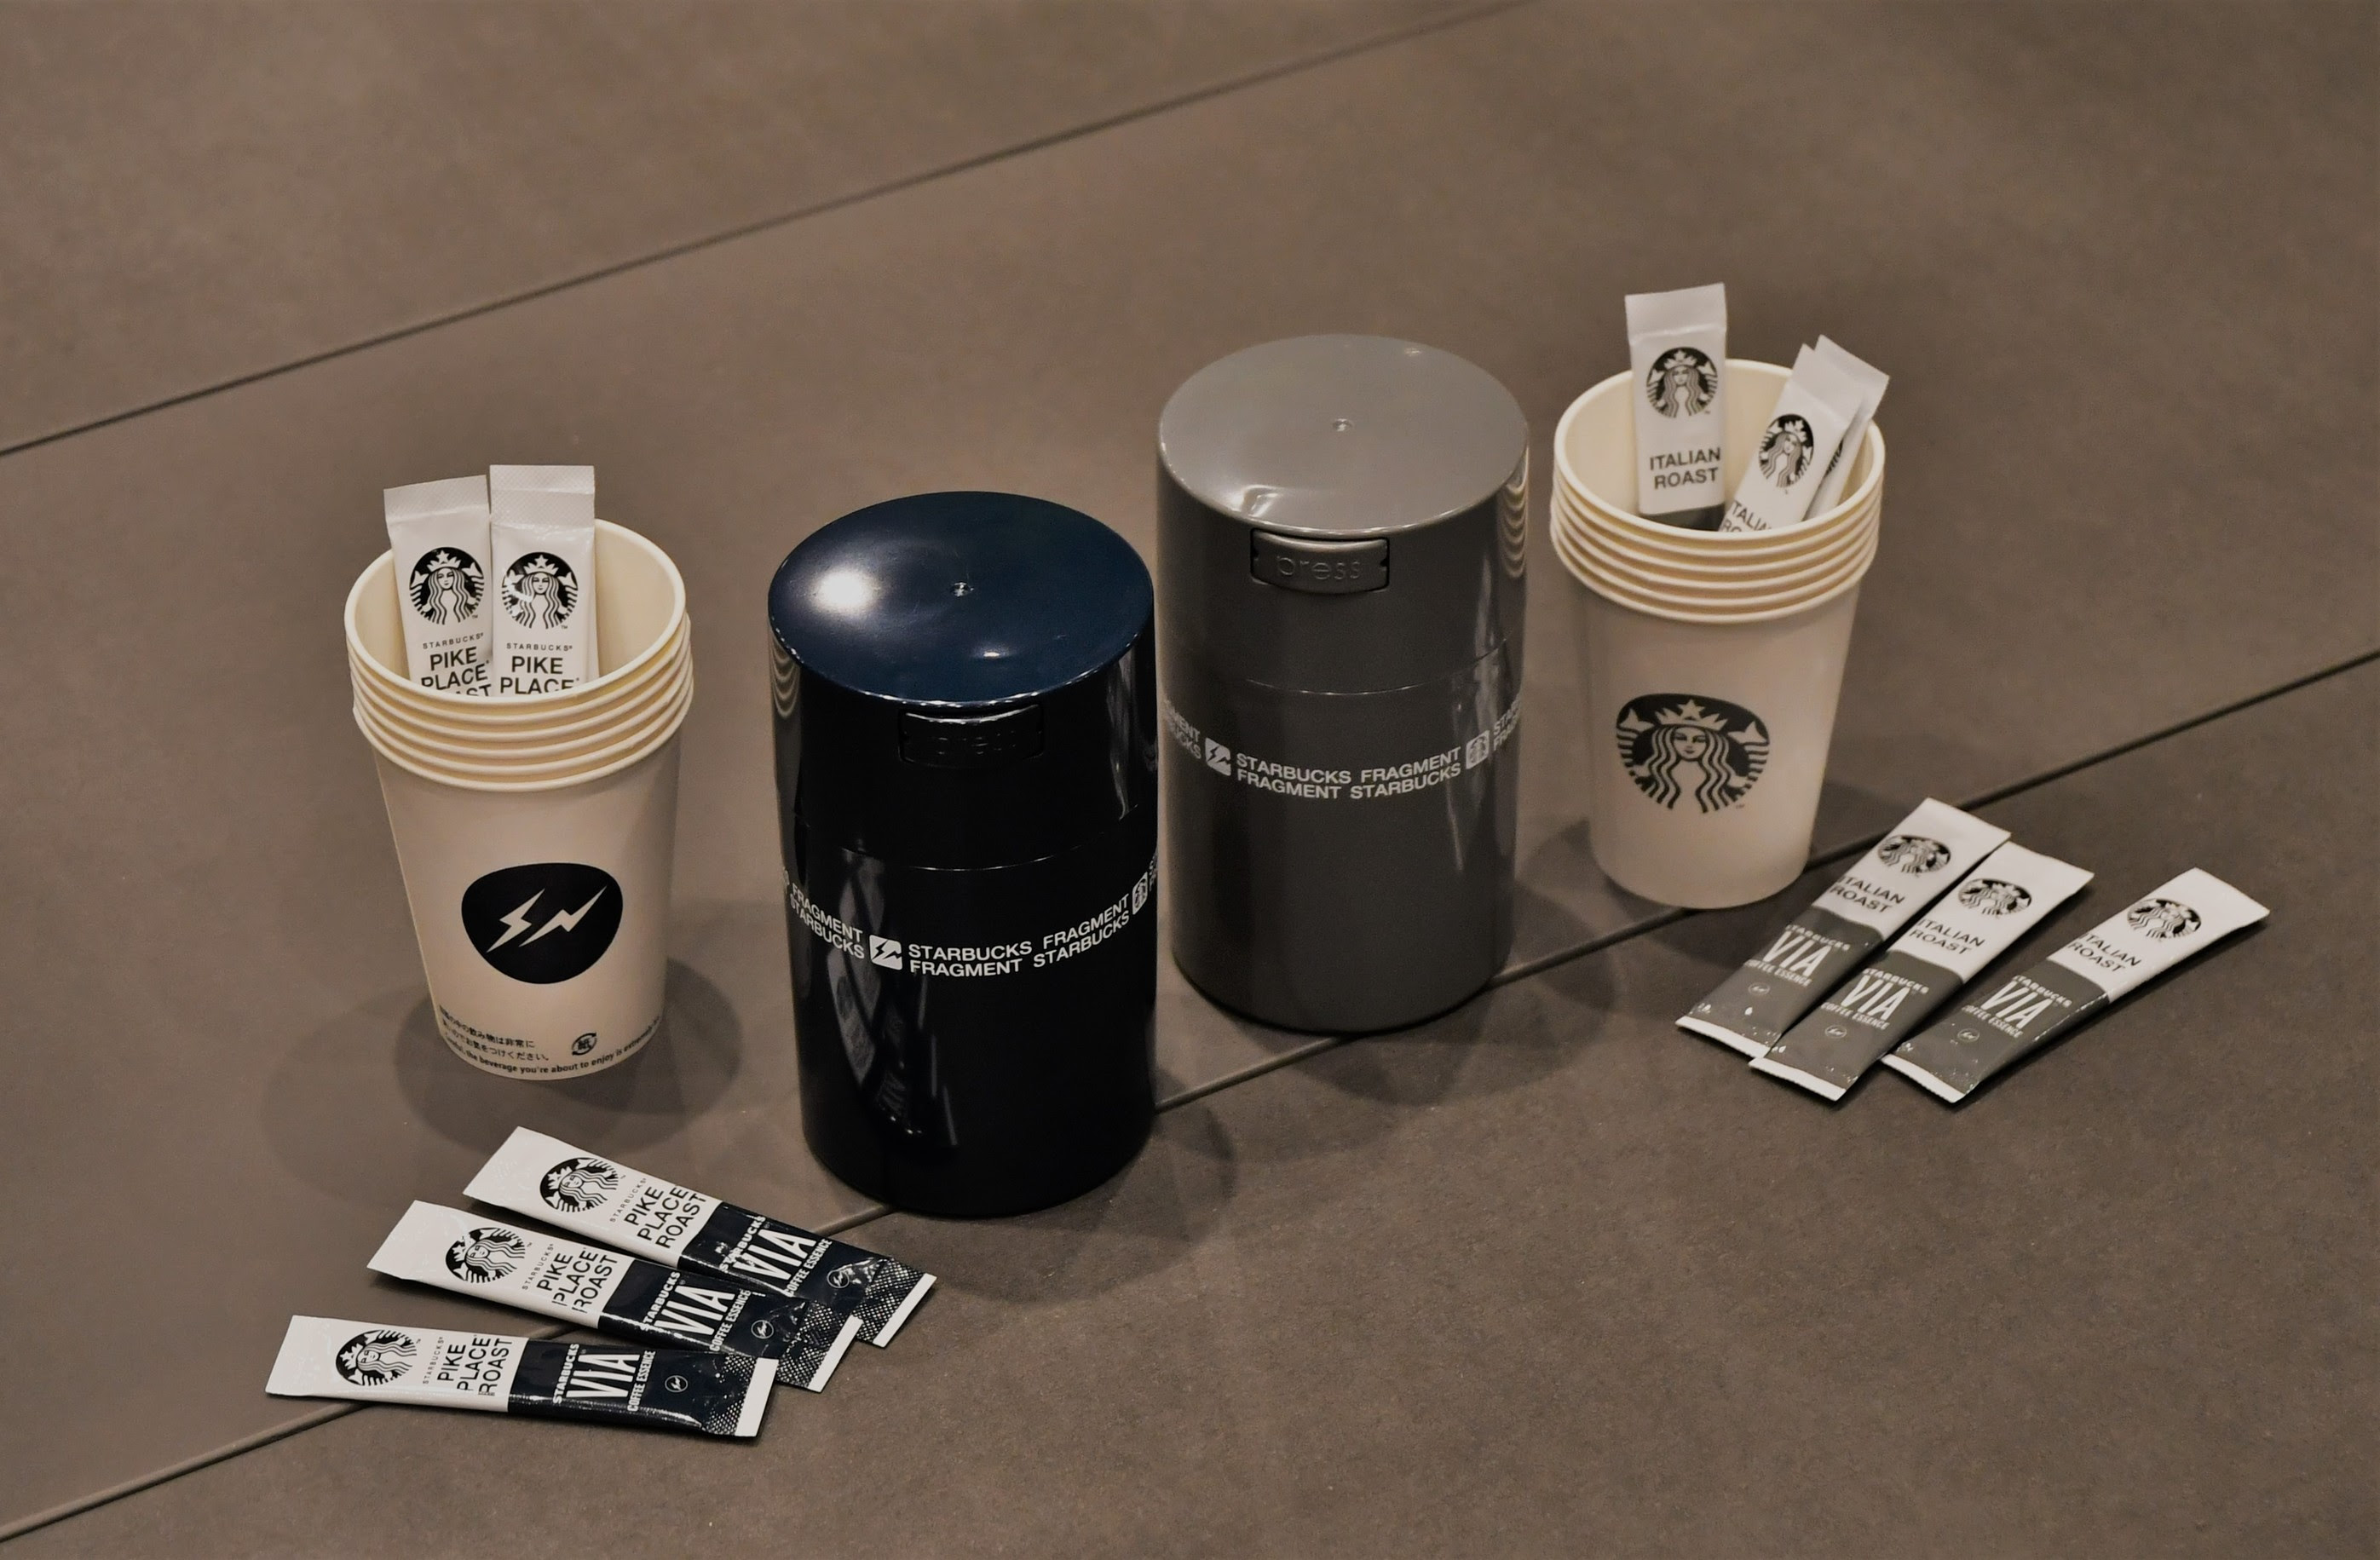 スターバックス ヴィア(R) コーヒーエッセンス+ペーパーカップ+キャニスター